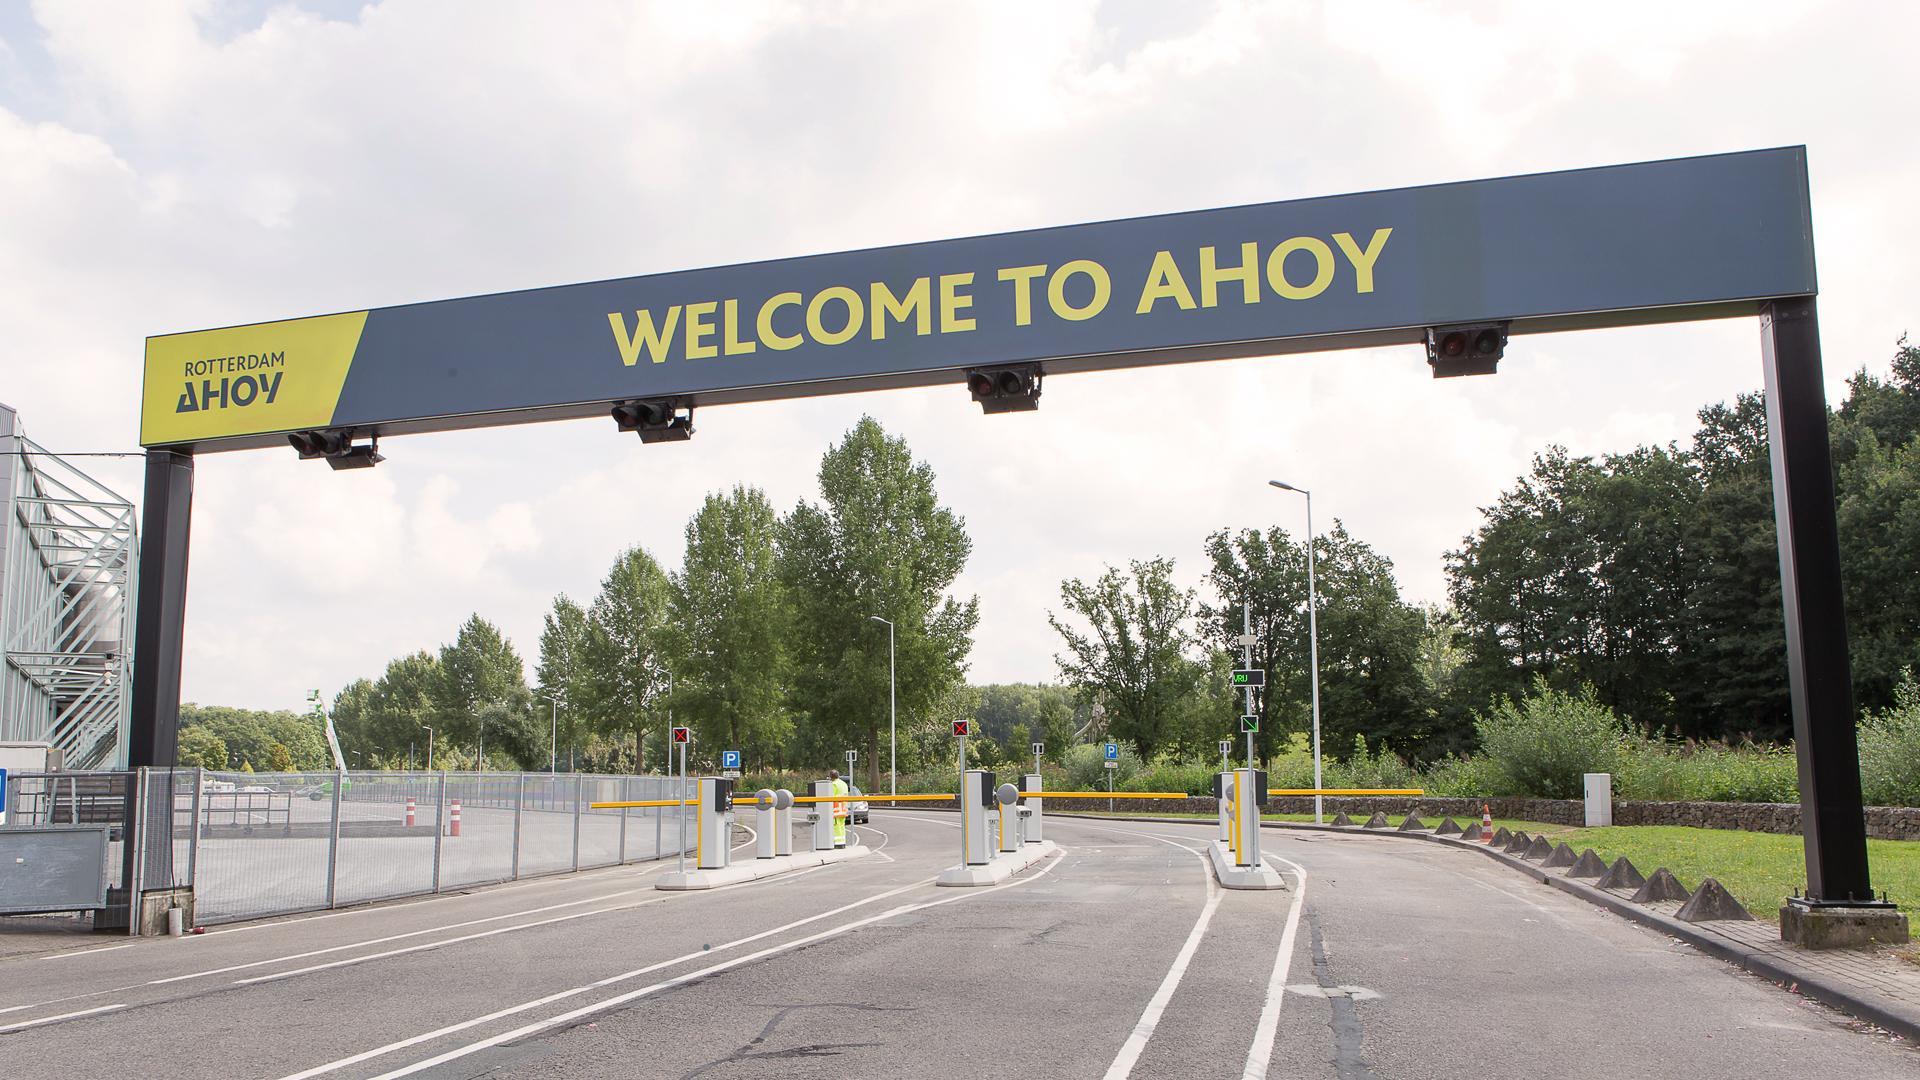 Parkeer deze zomer met fikse korting bij Ahoy!